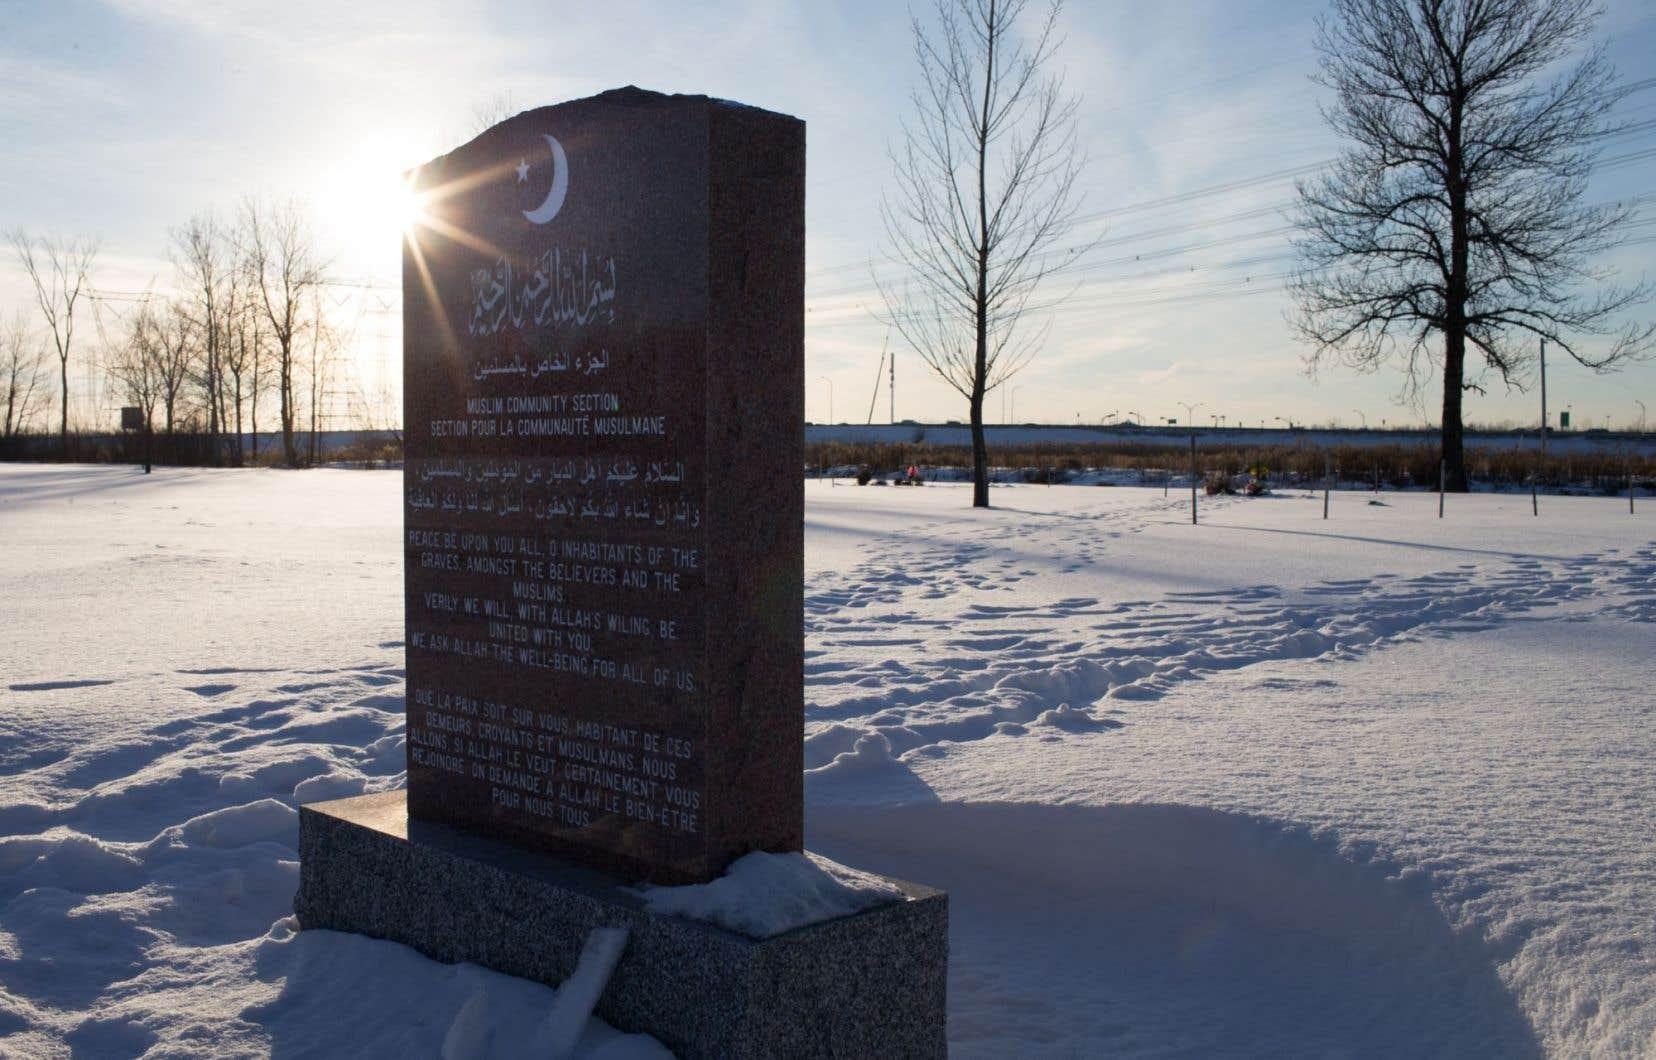 Une pierre tombale de la section du cimetière de Saint-Hubert, sur la rive-sud de Montréal, reservée à la communauté musulmane.